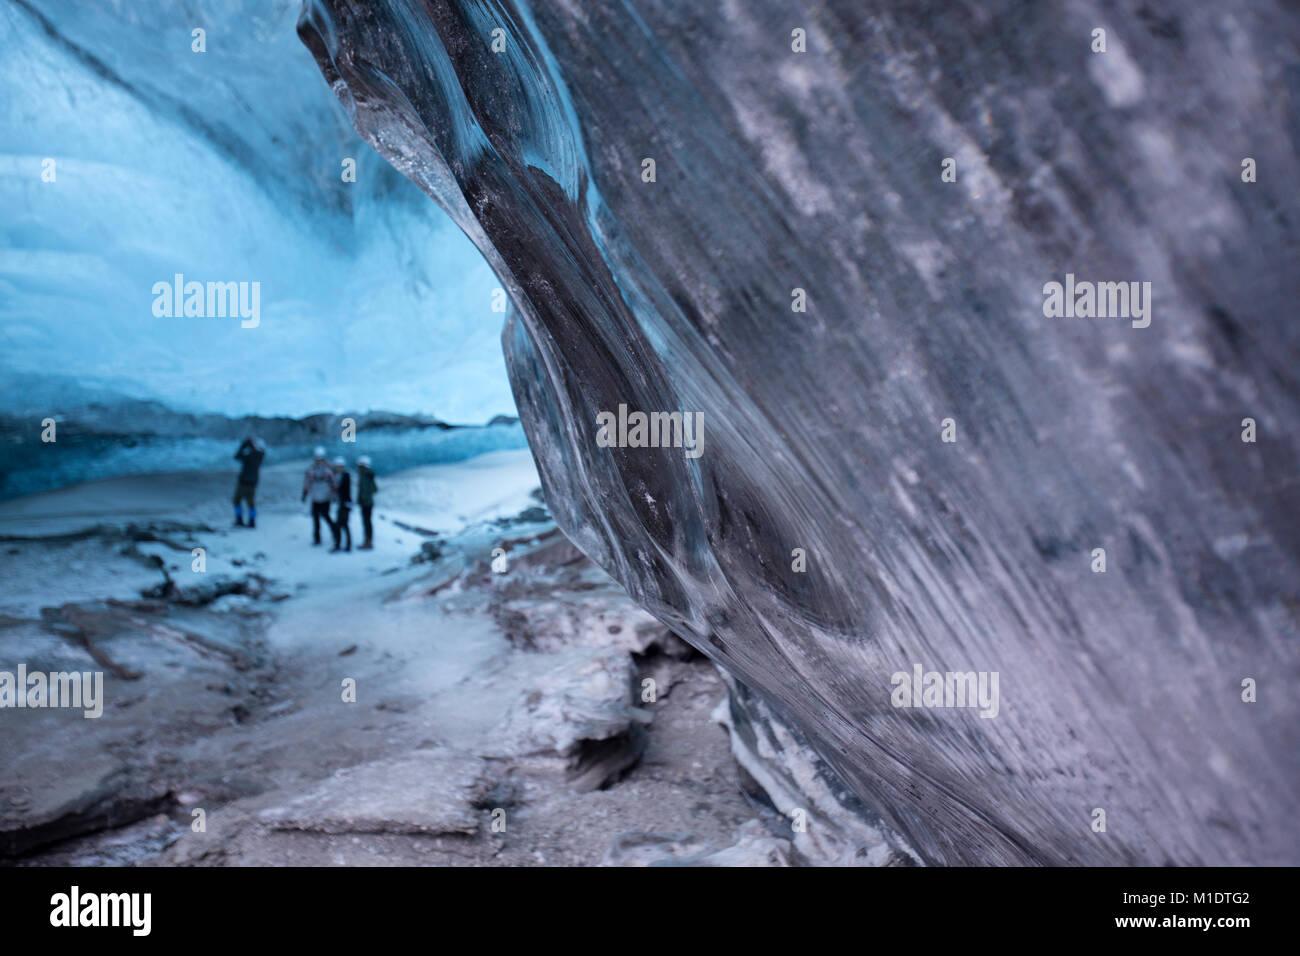 Grotte de glace dans le sud-est de l'Islande, les touristes avec un guide Photo Stock